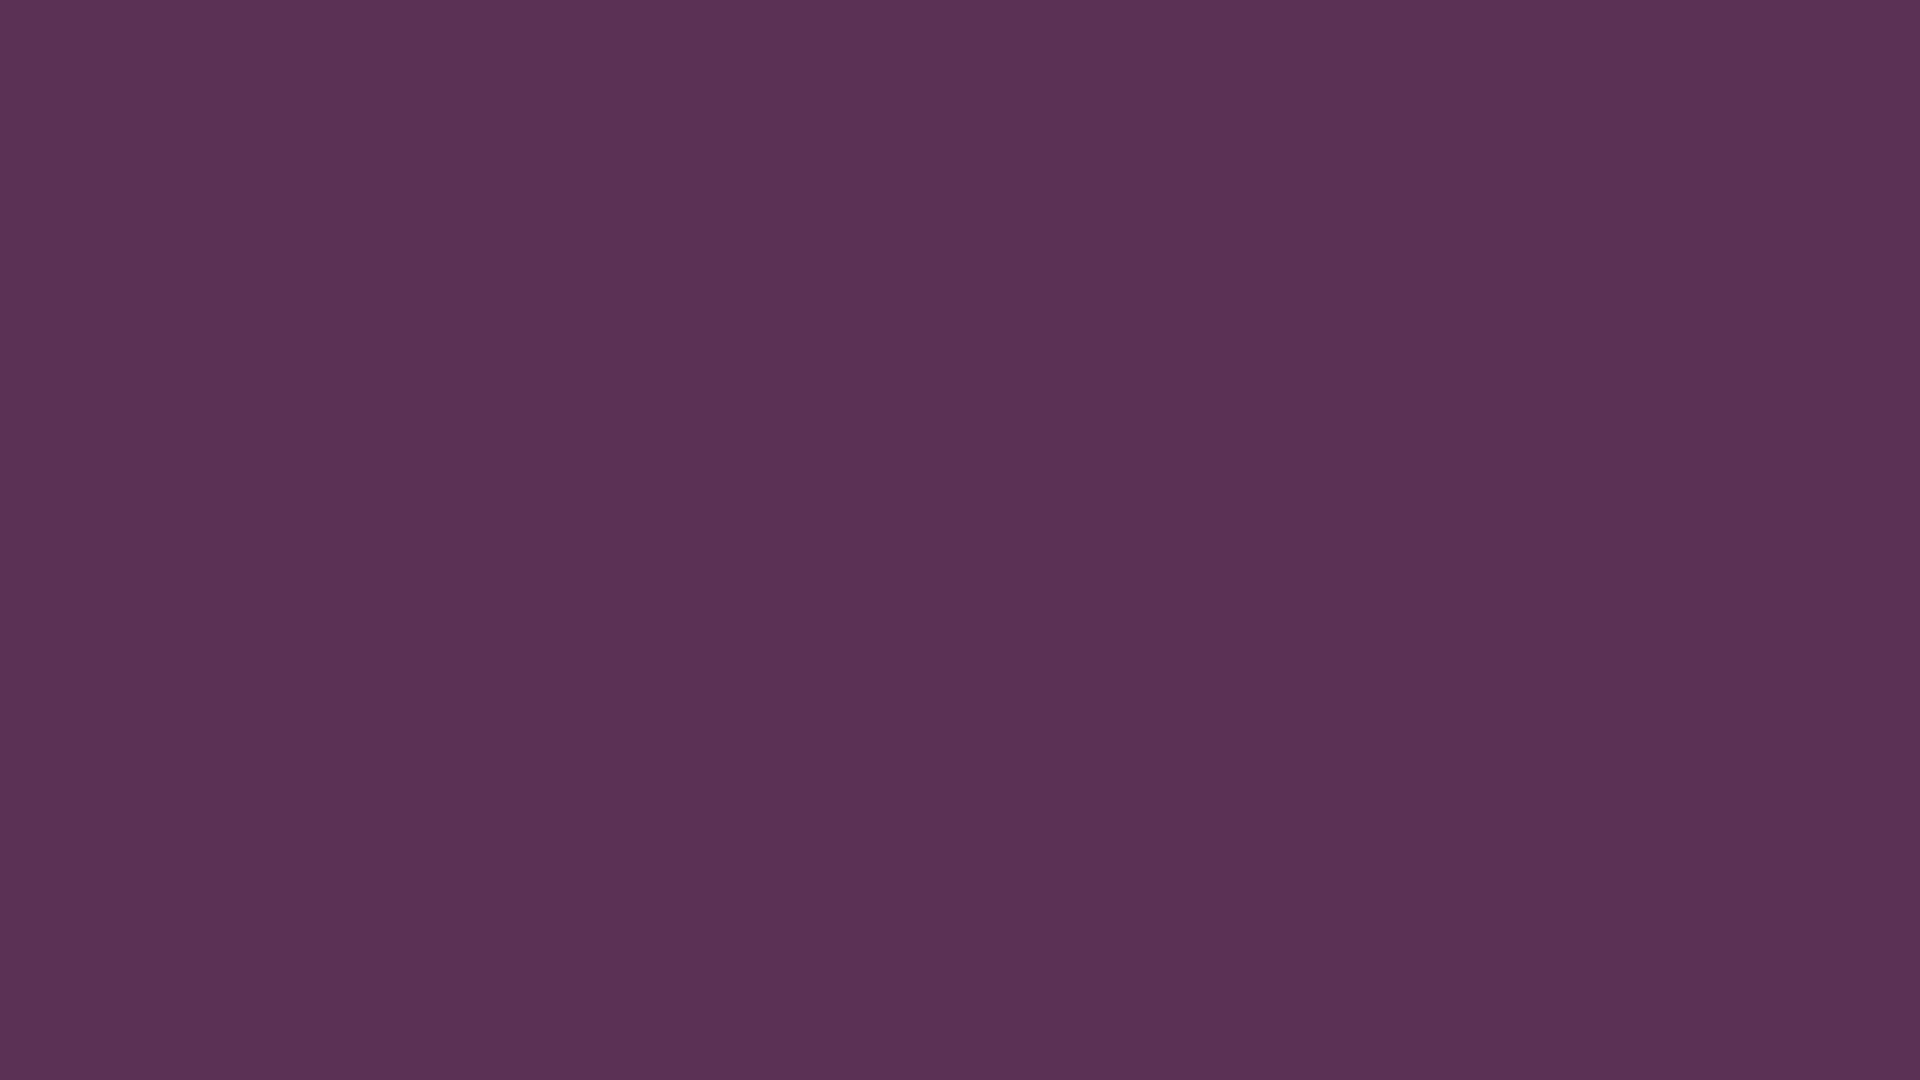 1920x1080 Japanese Violet Solid Color Background